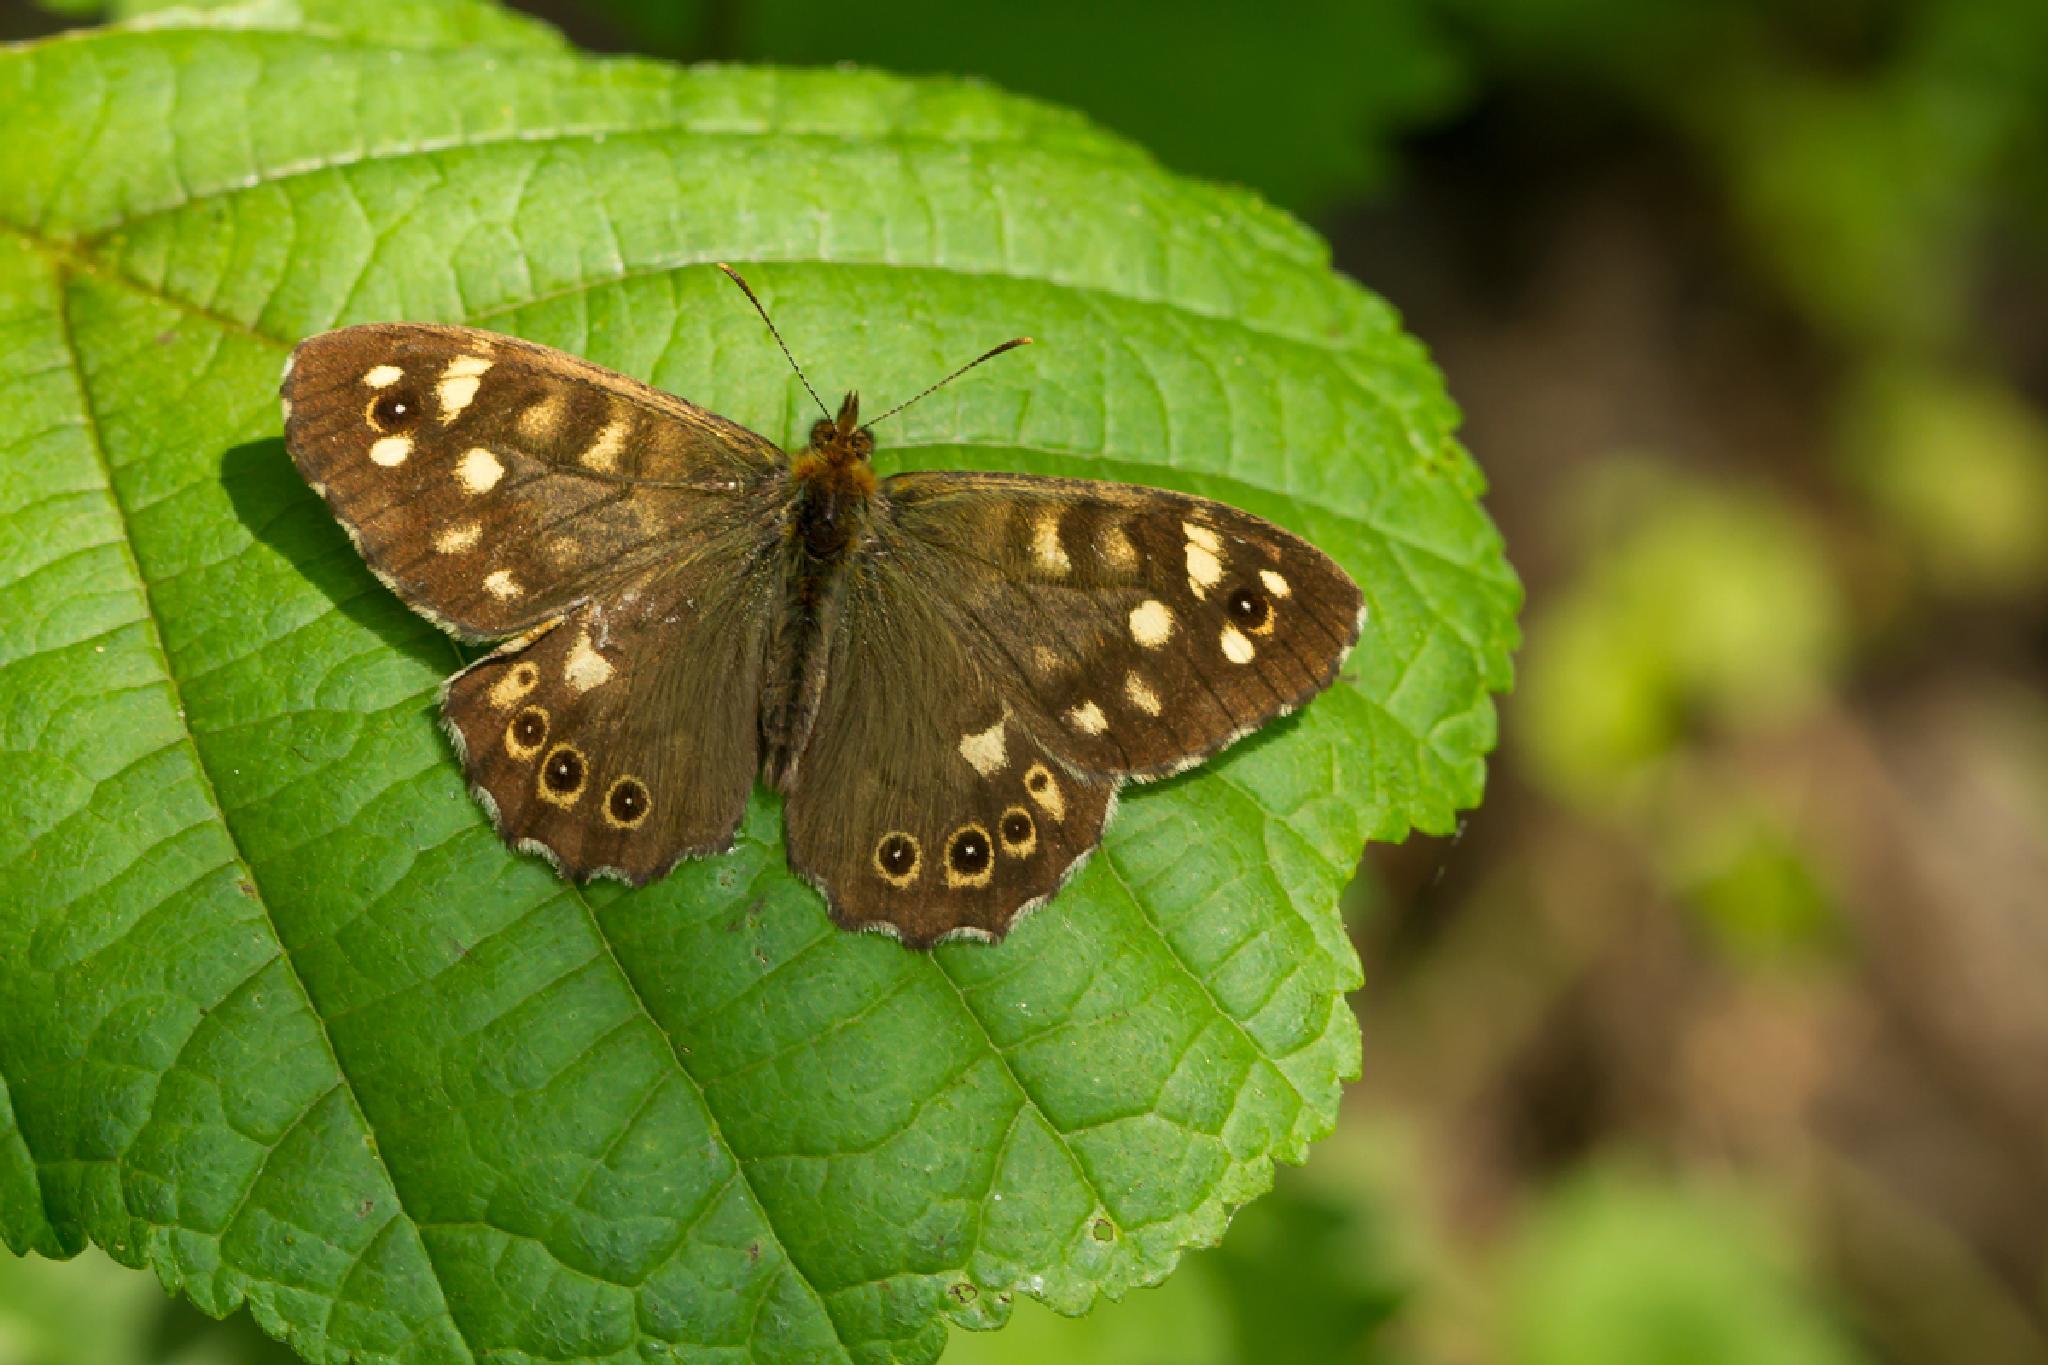 Speckled Wood butterfly by JoseVerstegen